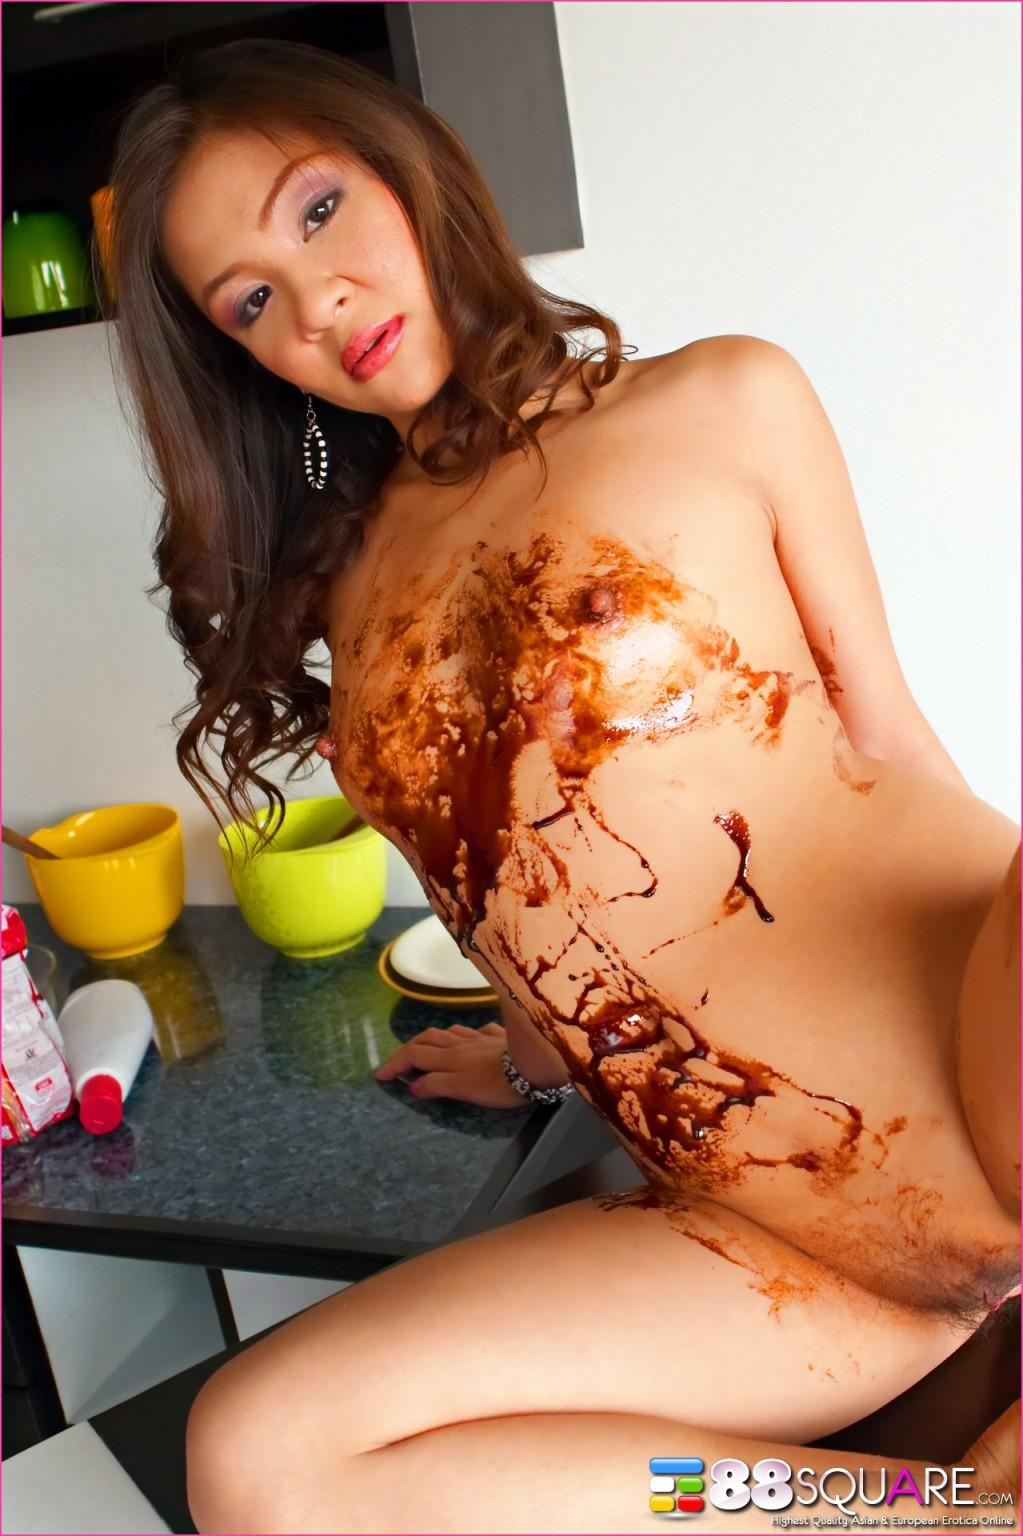 Азиатка предлагает слизать с нее шоколад